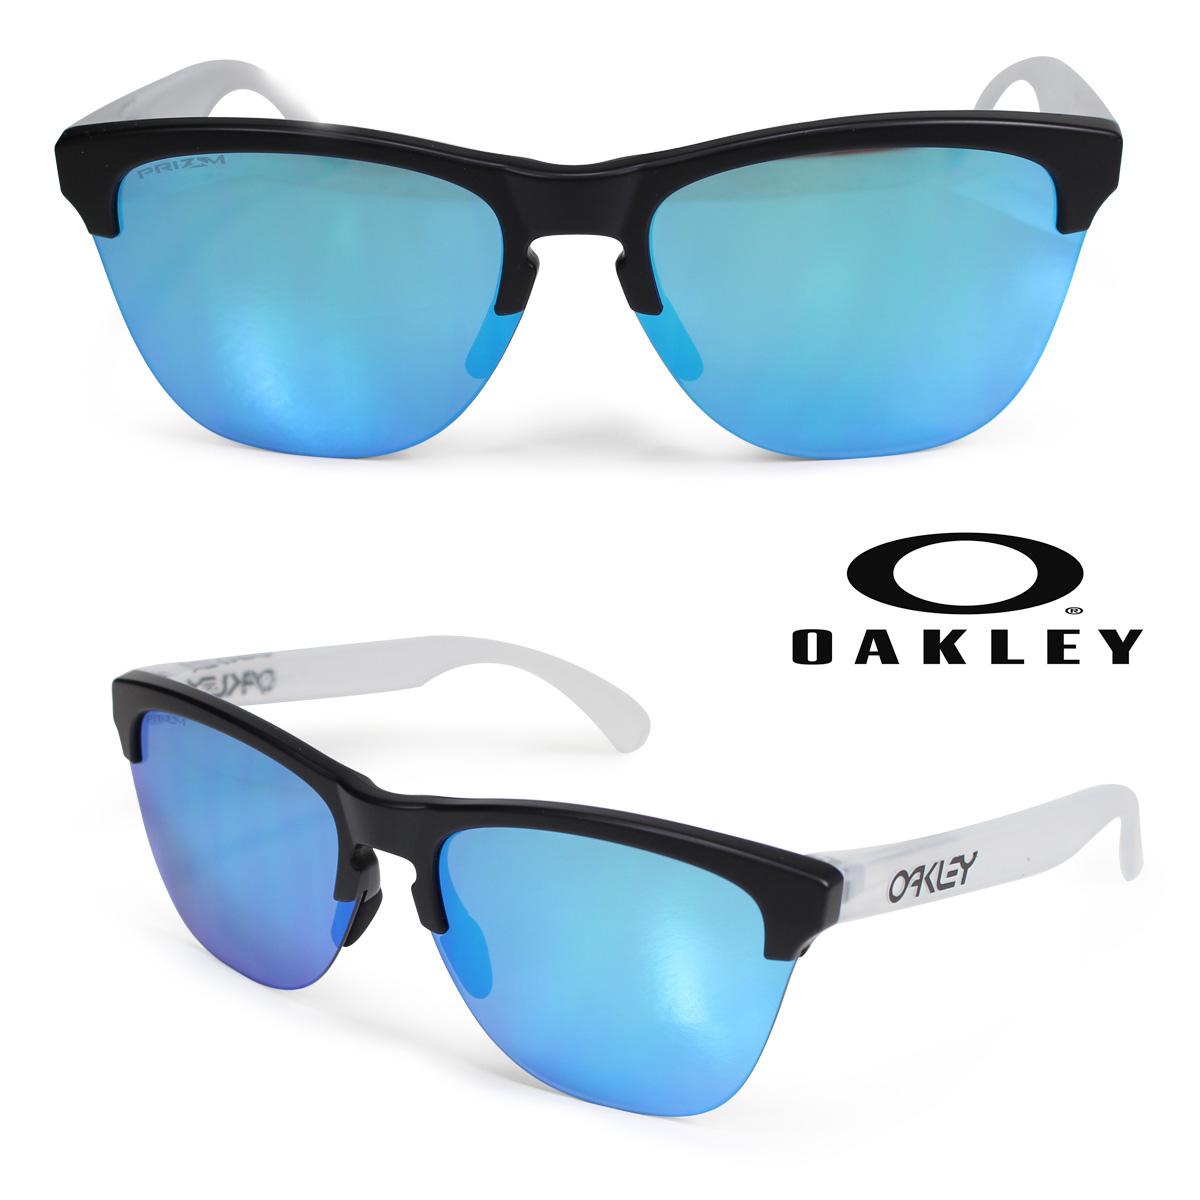 adaf2e665d8e Oakley sunglasses Oakley Frogskins lite frog skin light US FIT men gap Dis  black OO9374- ...